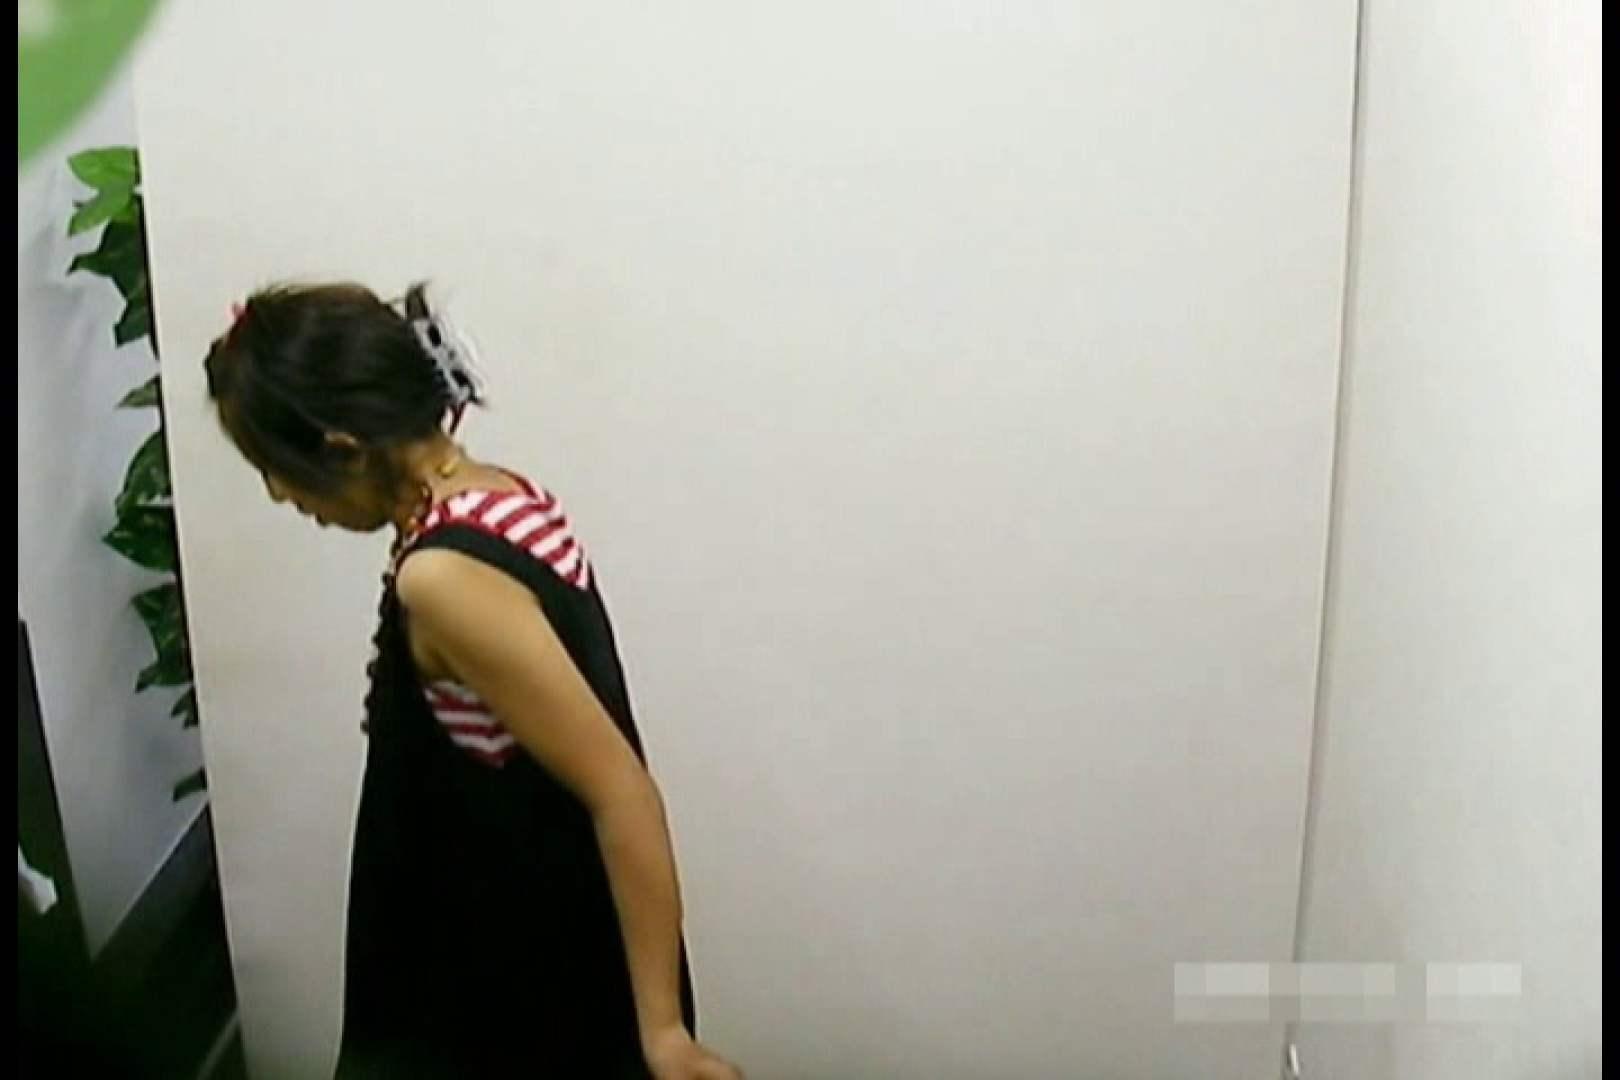 素人撮影 下着だけの撮影のはずが・・・エミちゃん18歳 盗撮 濡れ場動画紹介 65pic 5